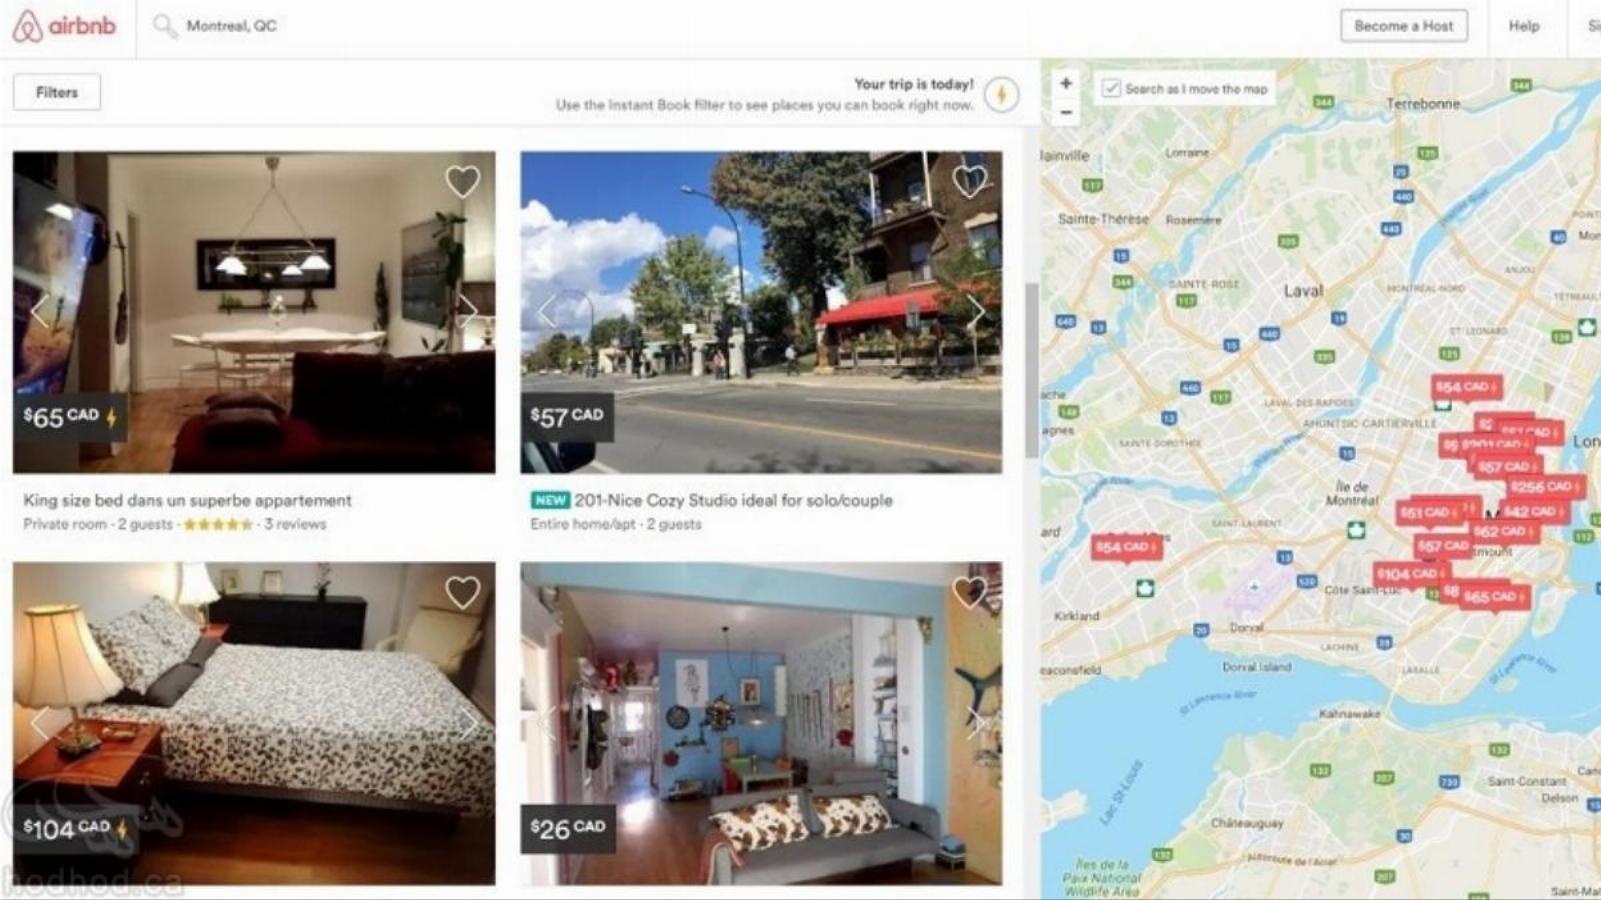 نظرسنجی شرکت Airbnb مبنی بر میزان رضایت مردم از خدمات اشتراک گذاری منازل